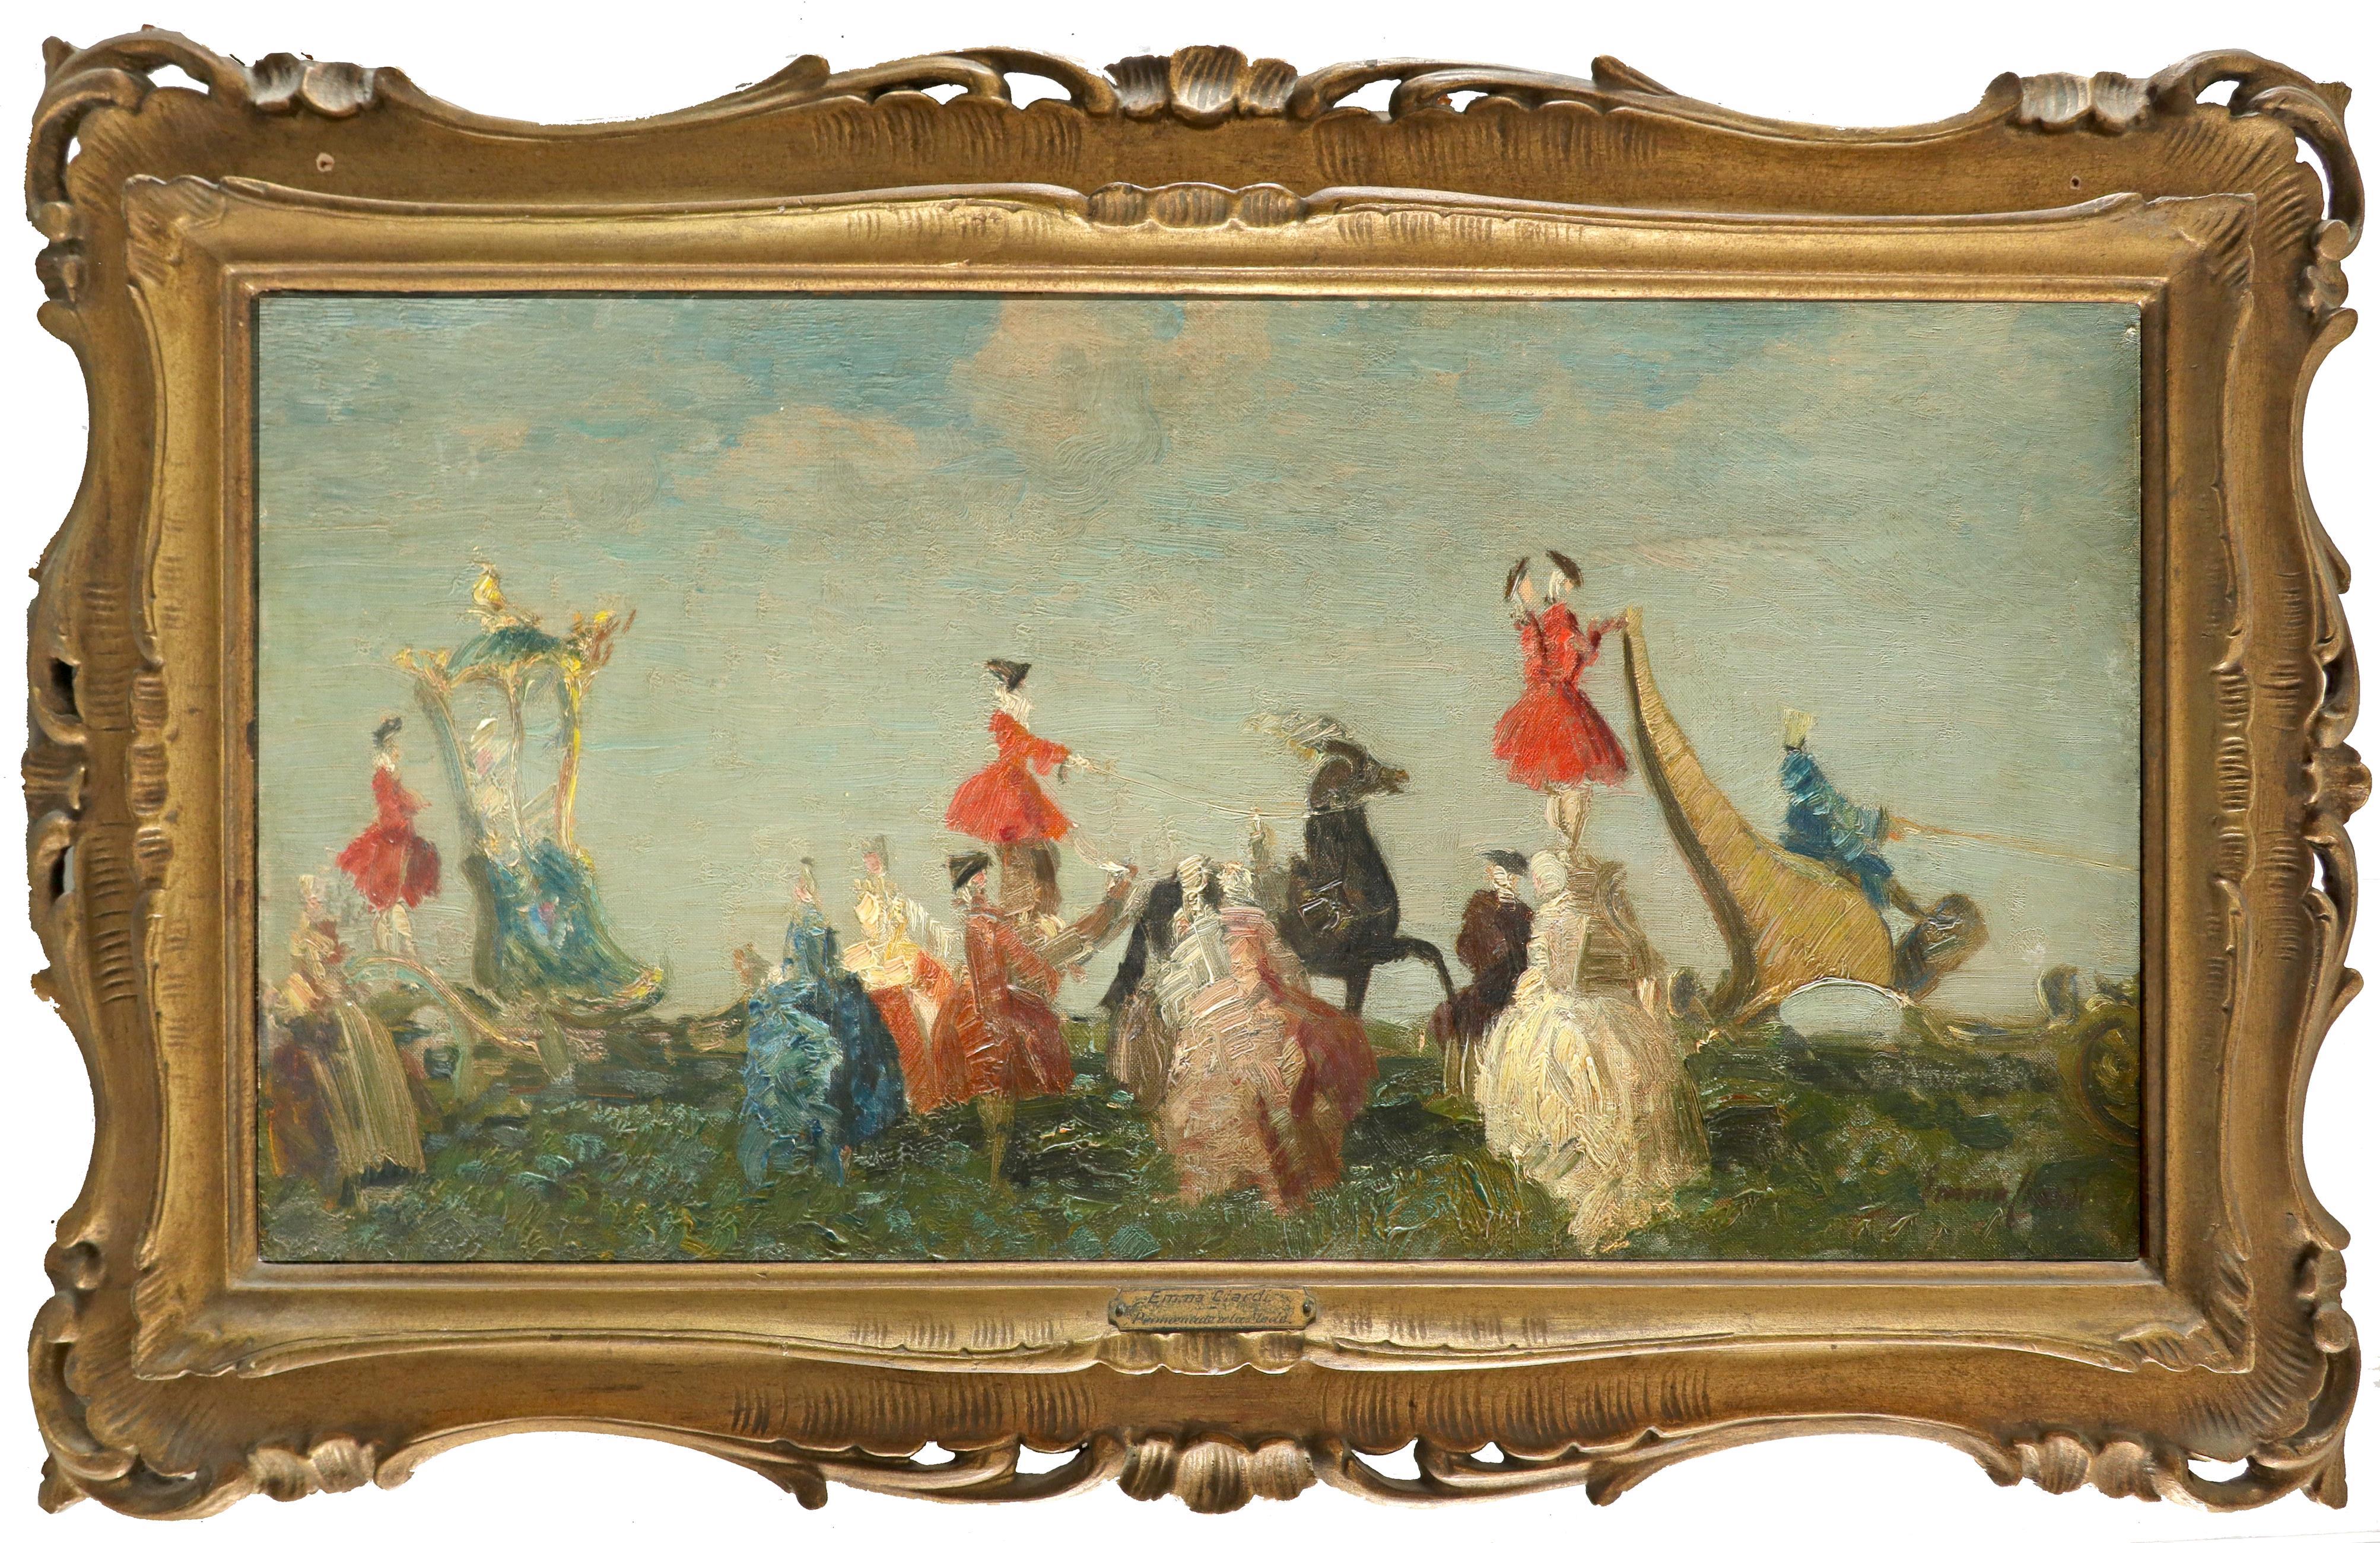 Emma Ciardi (Italian 1879-1933) Promenade à la Mode Signed Emma Ciardi (lower right) Oil on canvas - Image 2 of 3